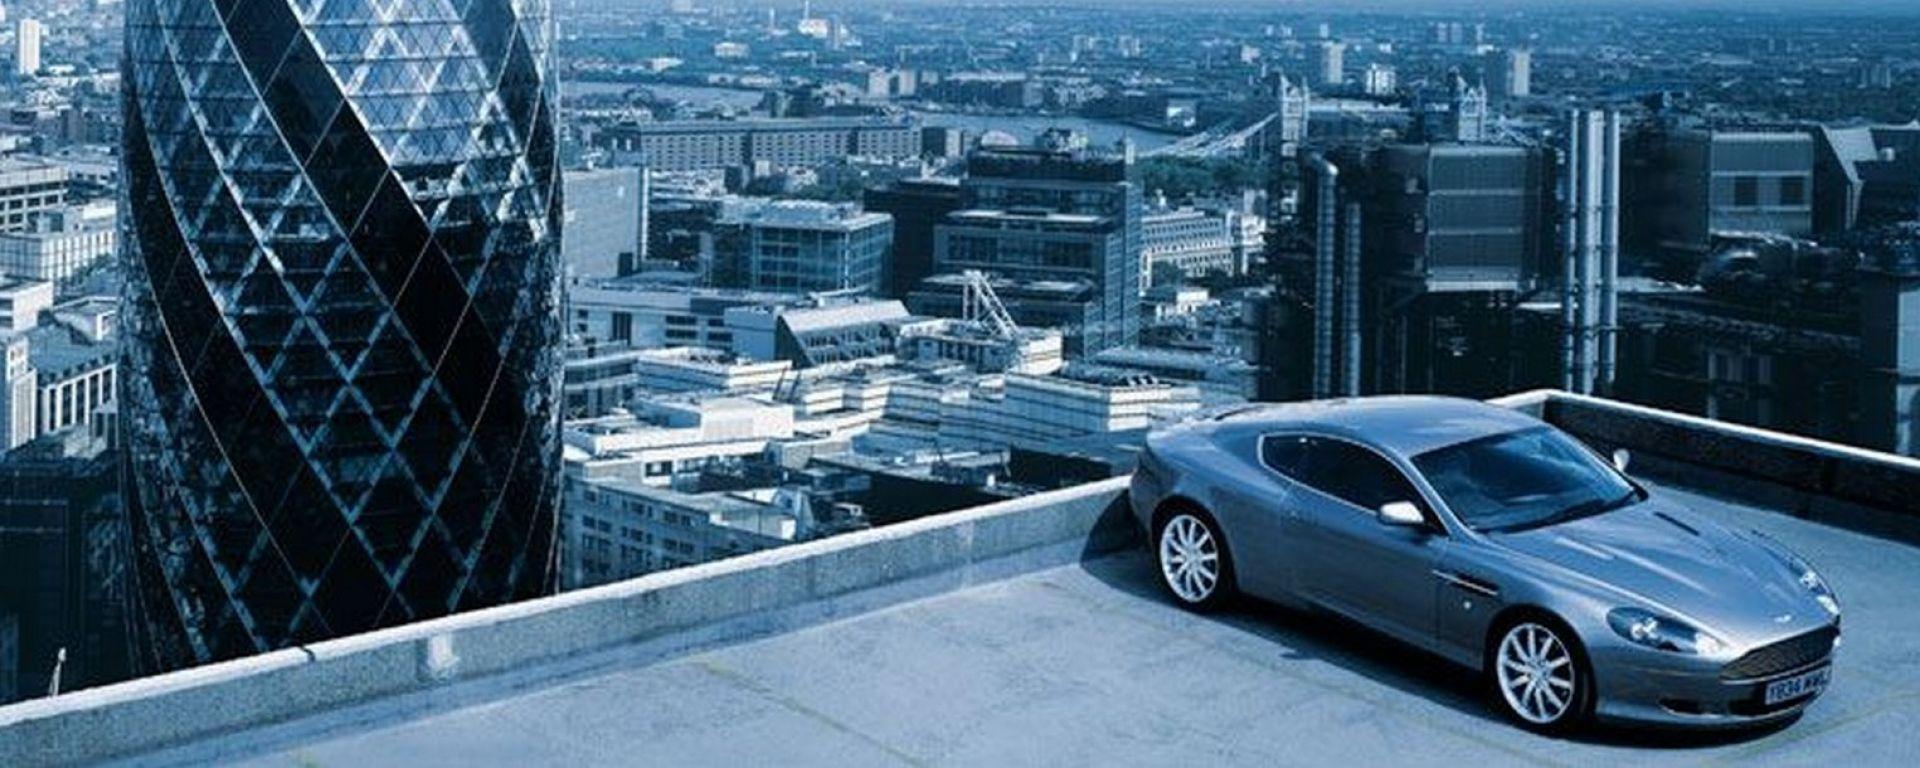 Svolta Aston Martin: verso la quotazione in Borsa